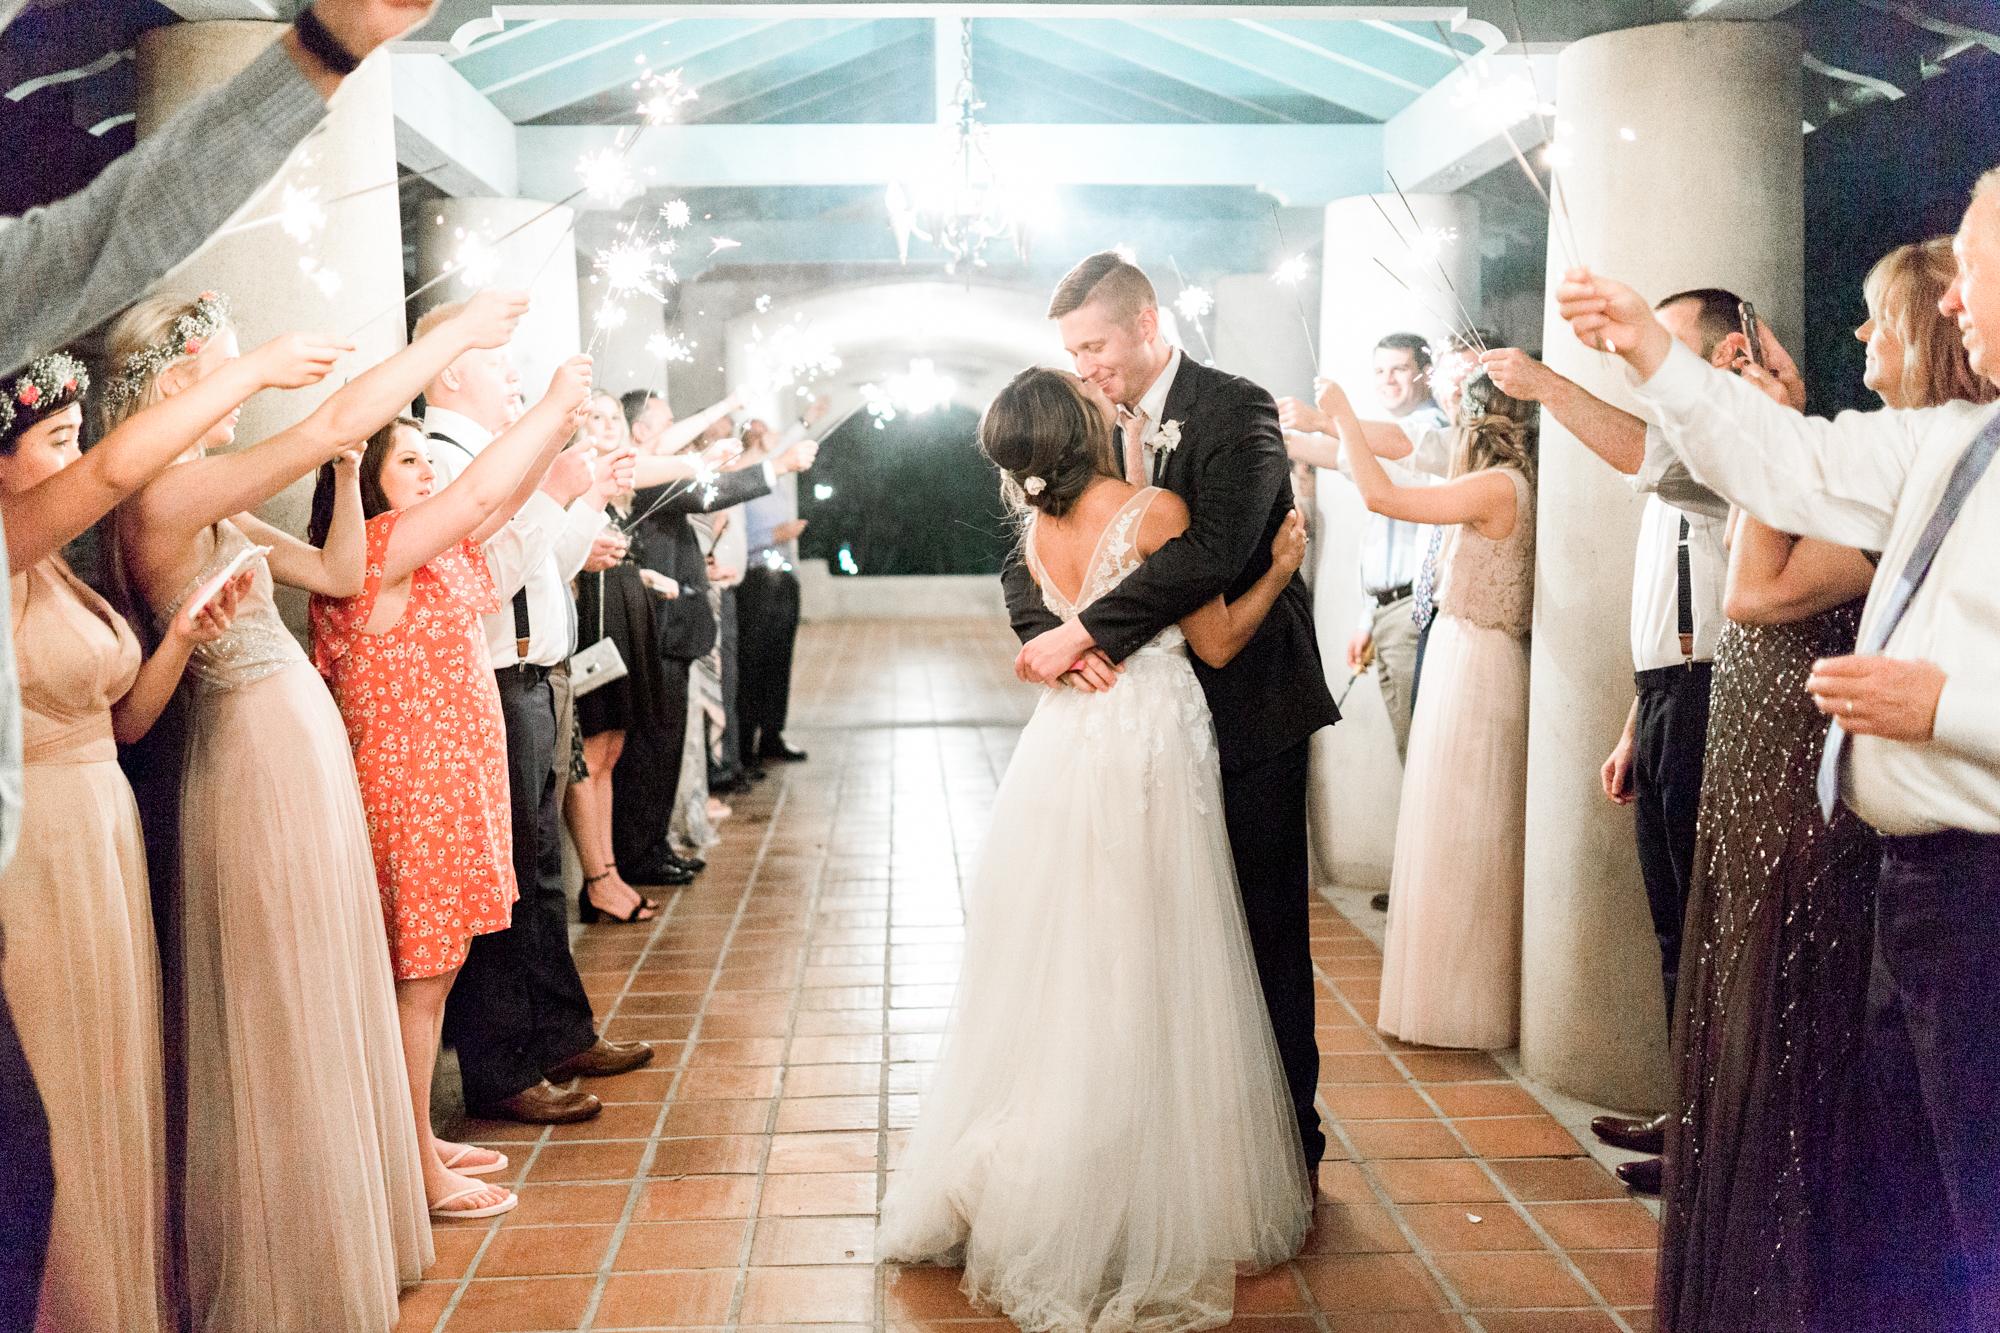 sydonie+mansion+mount+dora+orlando+fl+wedding+photos+sparkler+exit.jpg